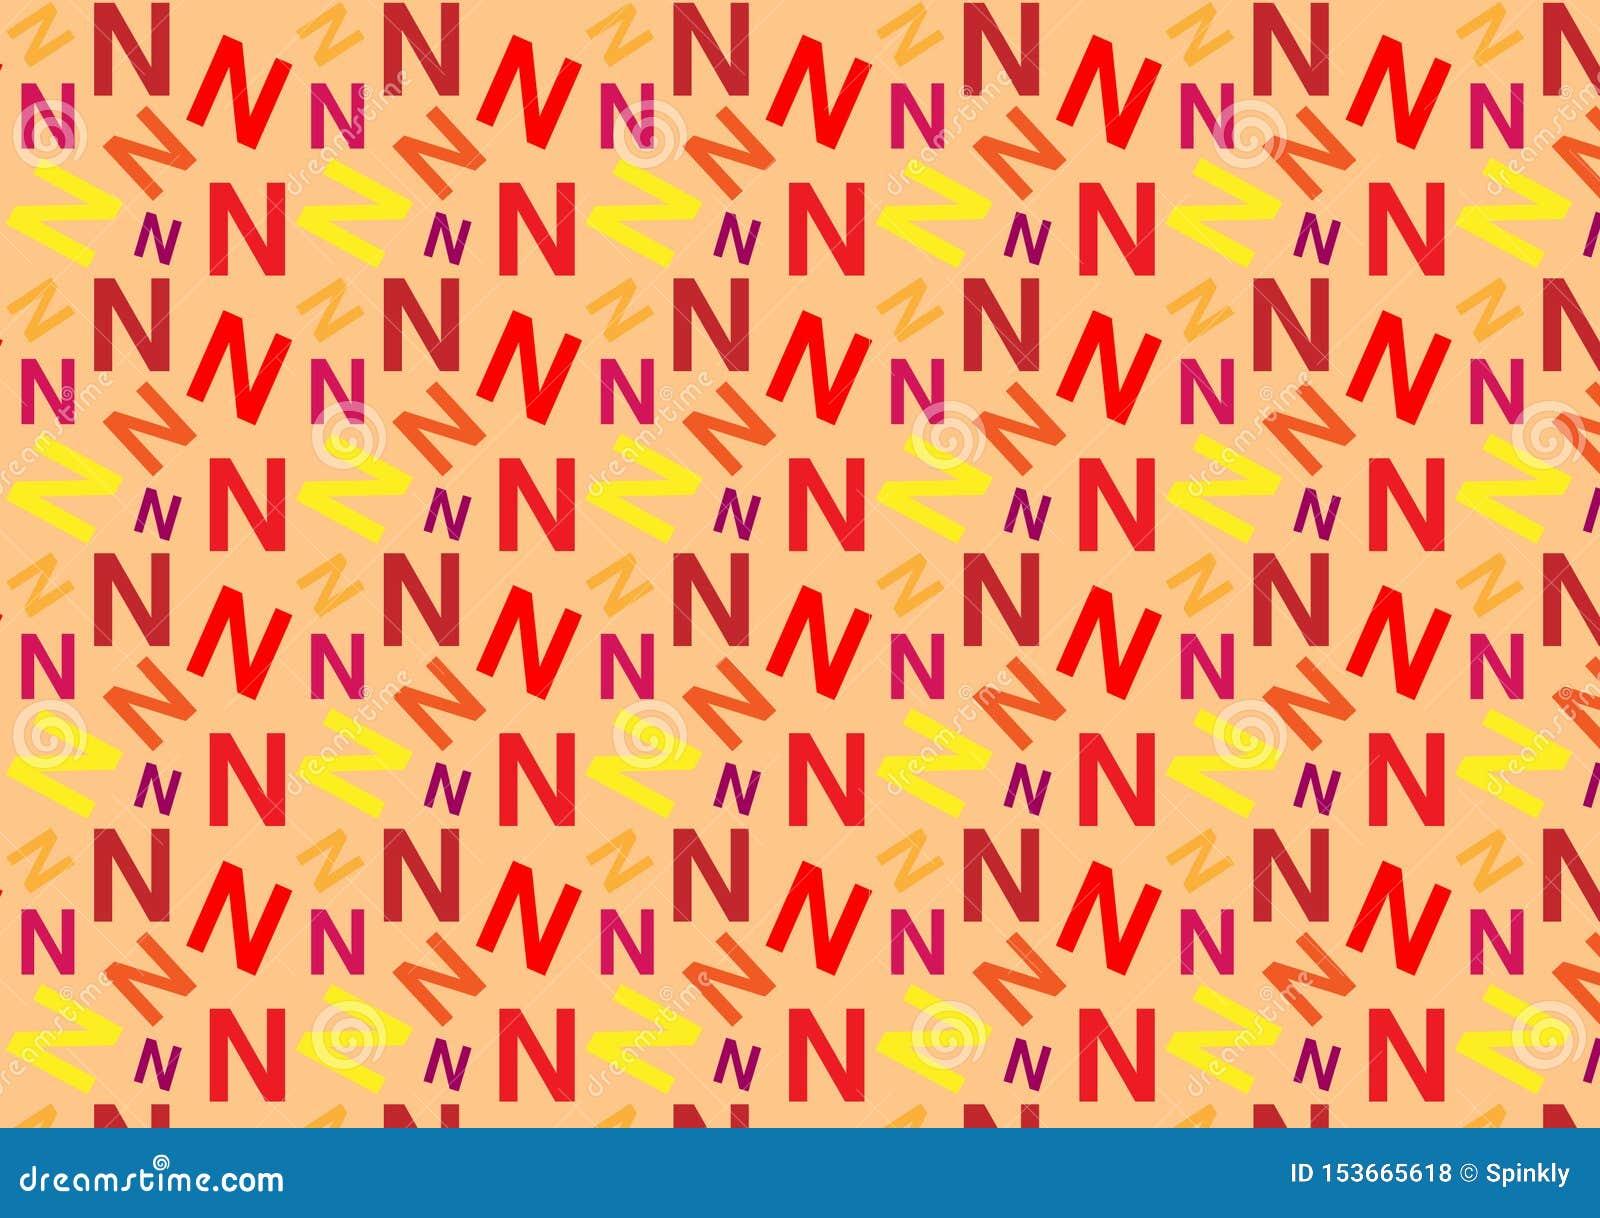 Brievenn patroon in verschillende gekleurde schaduwen voor behang